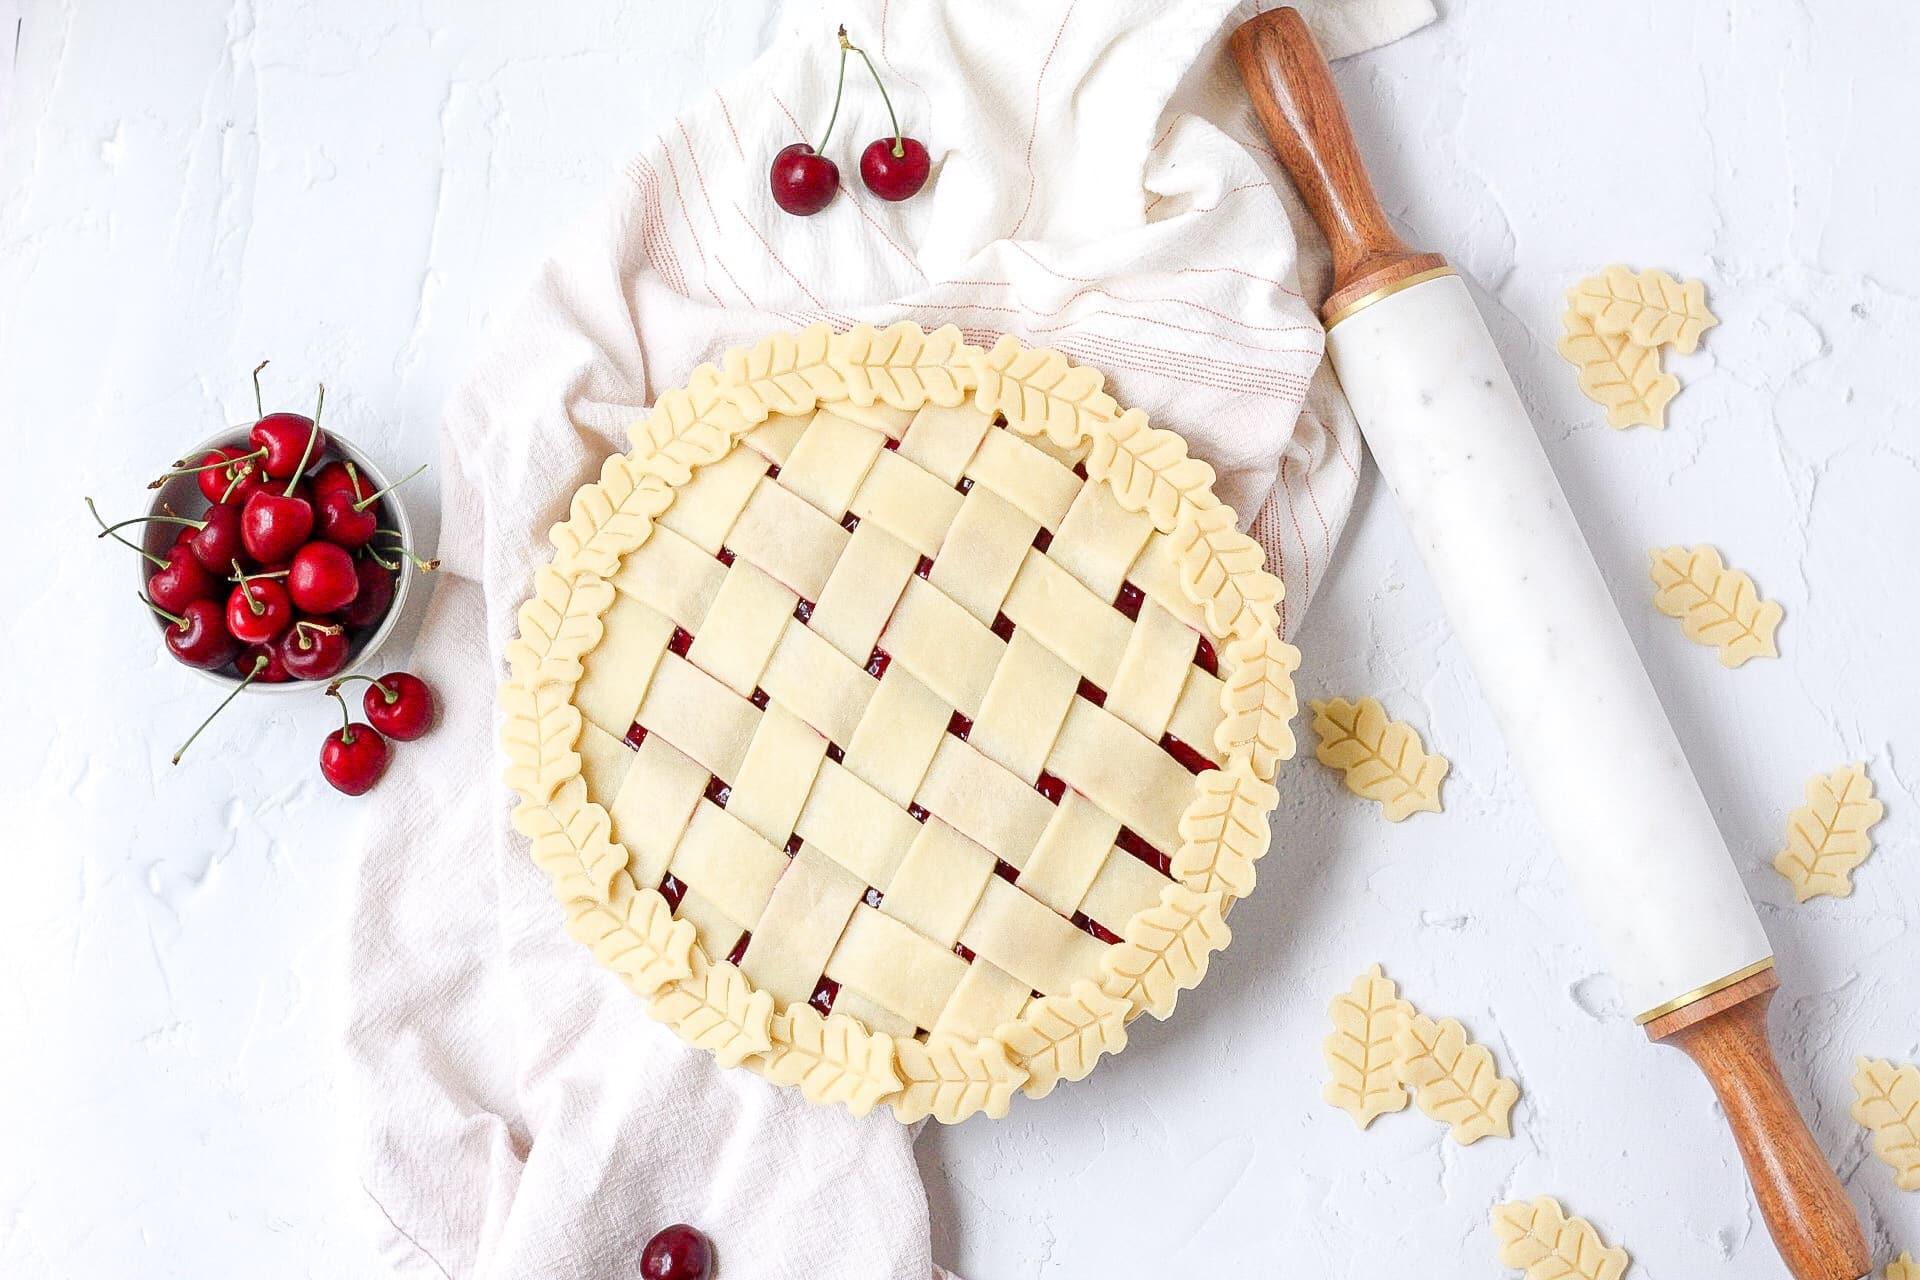 pie crust with lattice design